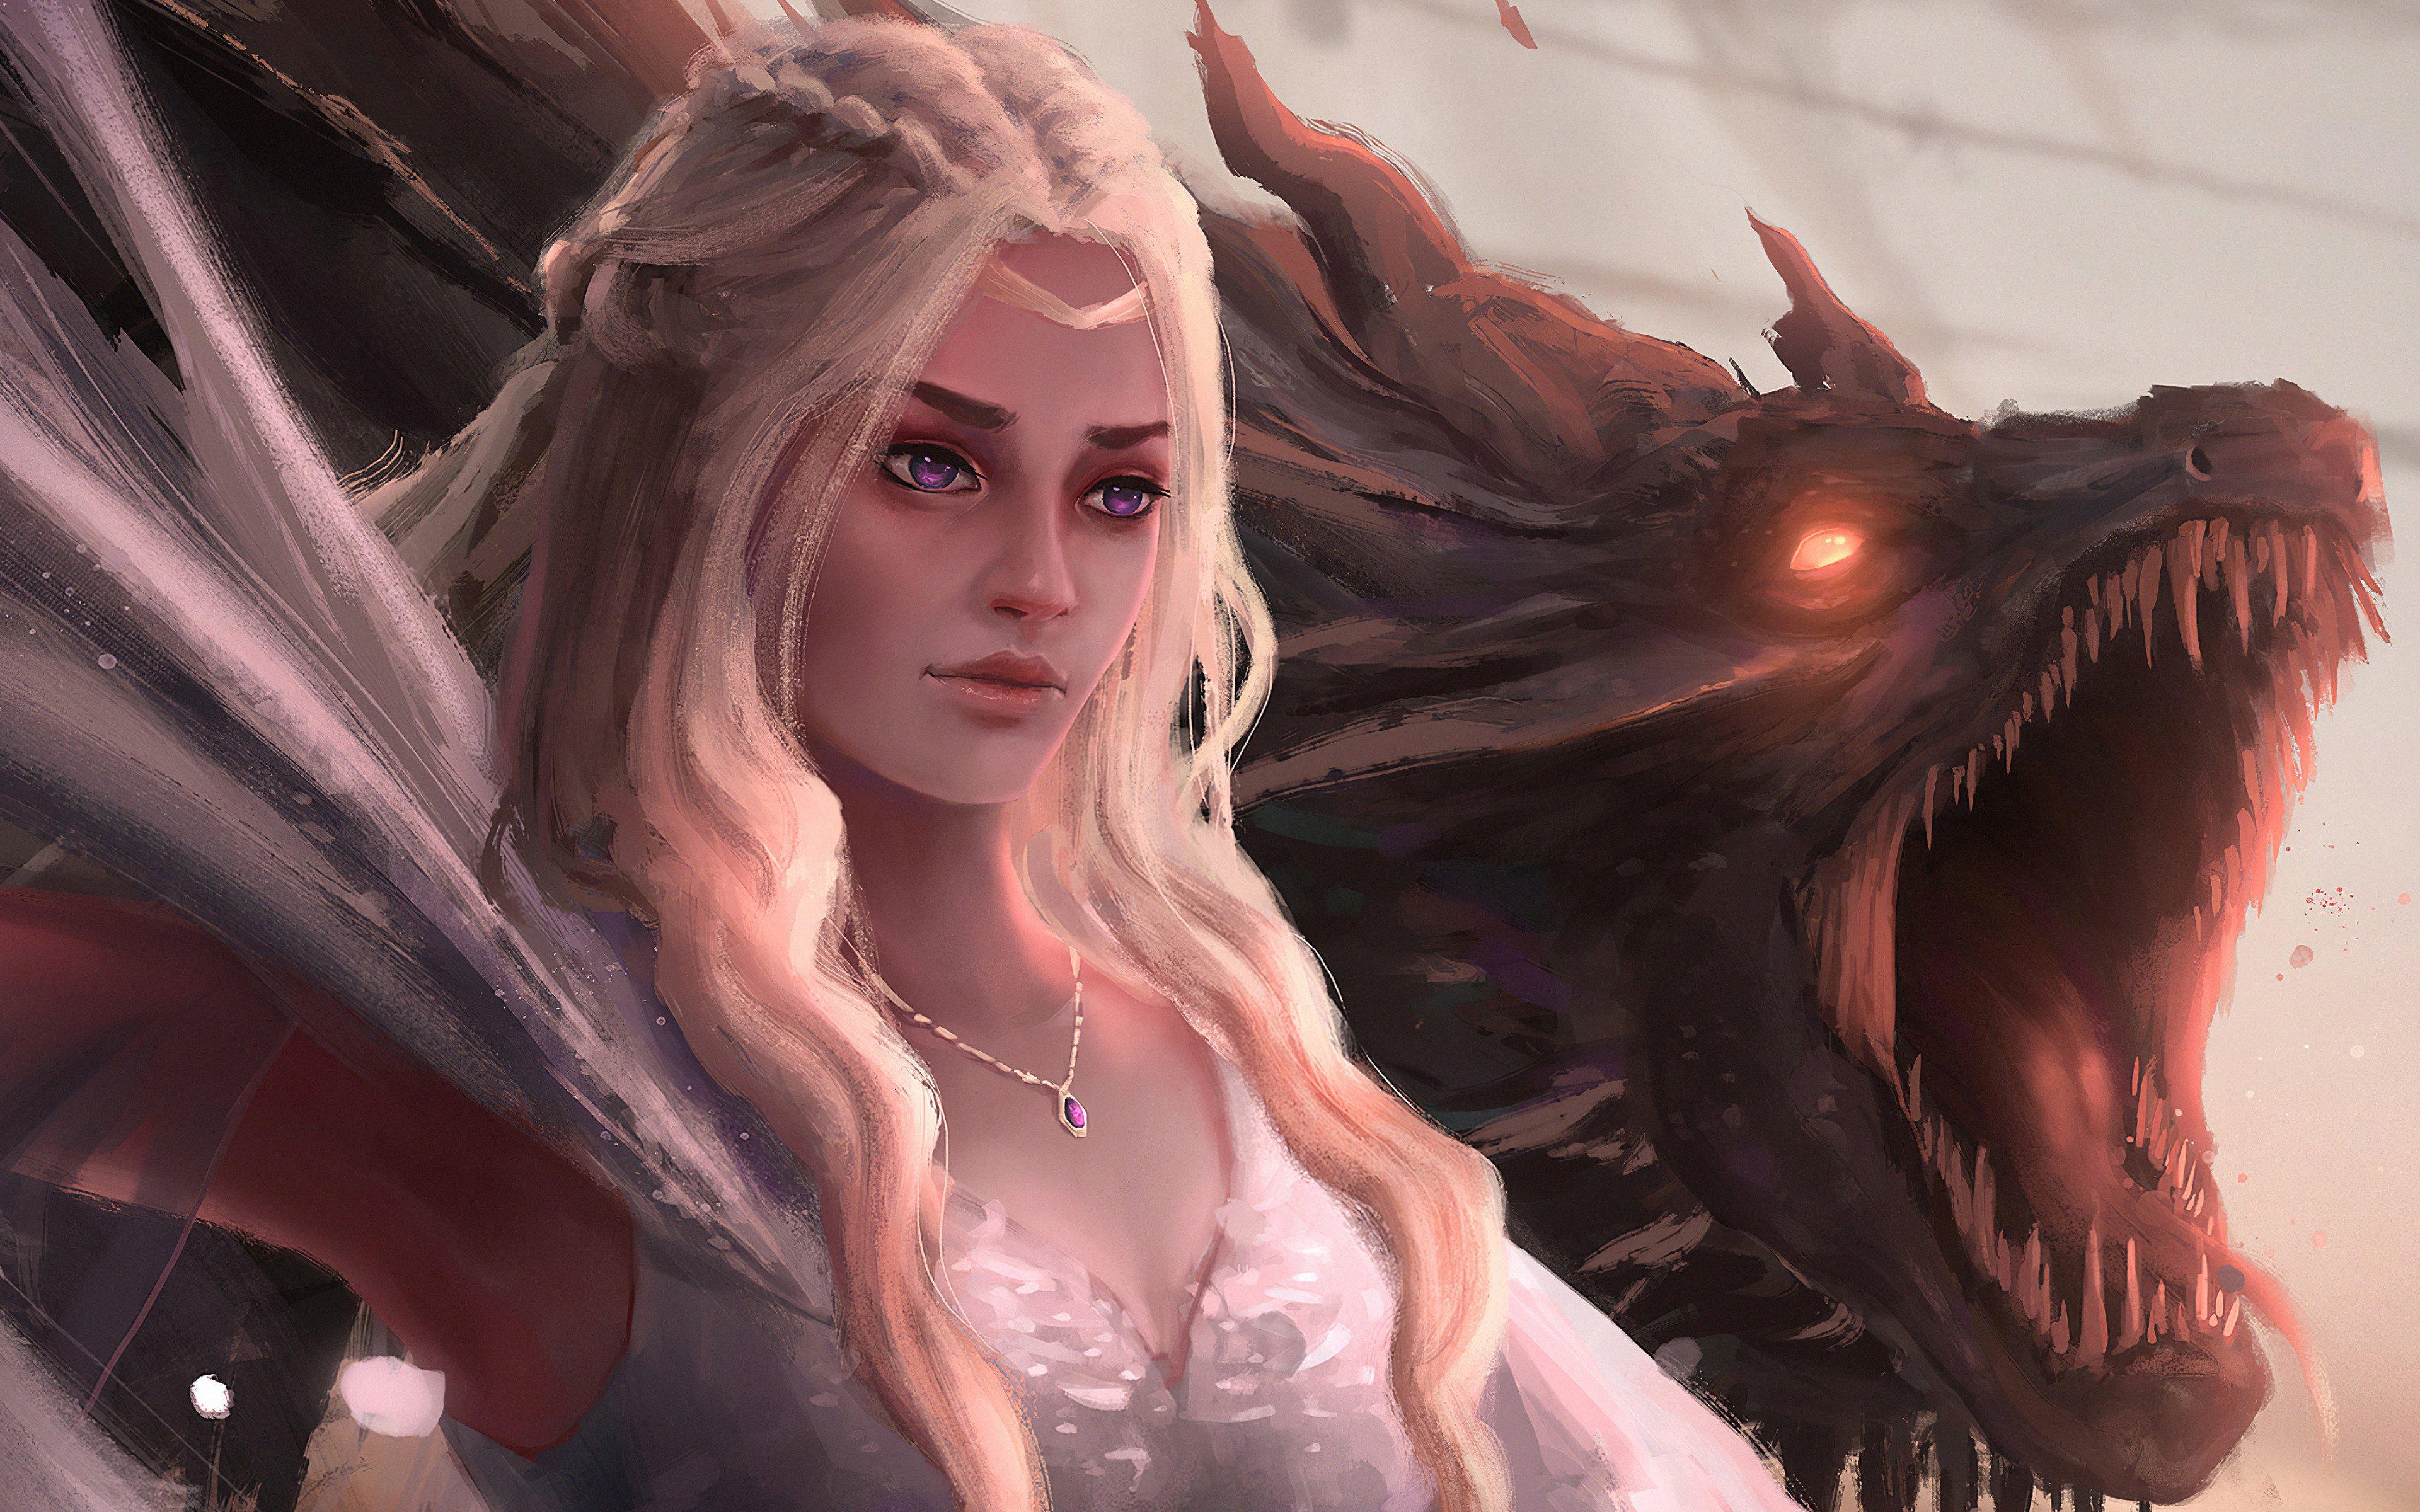 Fondos de pantalla Daenerys Targaryen con dragón Fanart